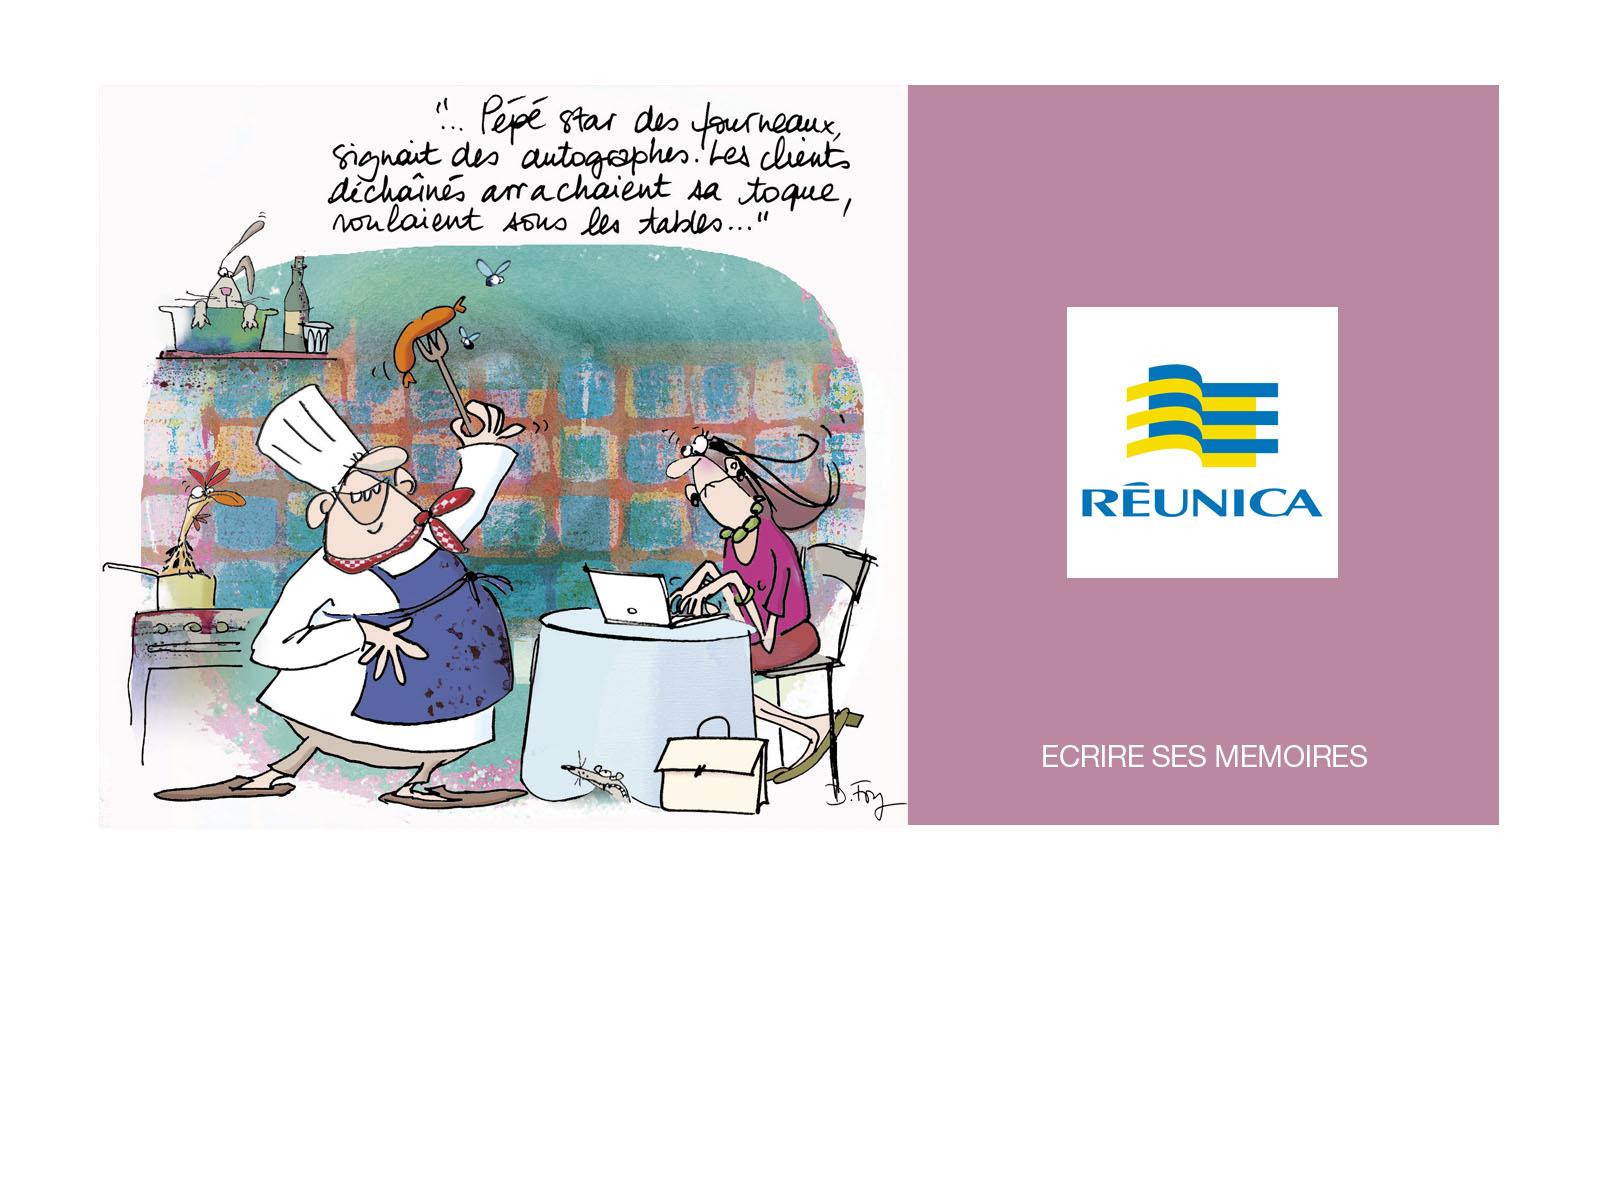 FOYDominique-Illustrations-DESSINS DE PRESSE-2298